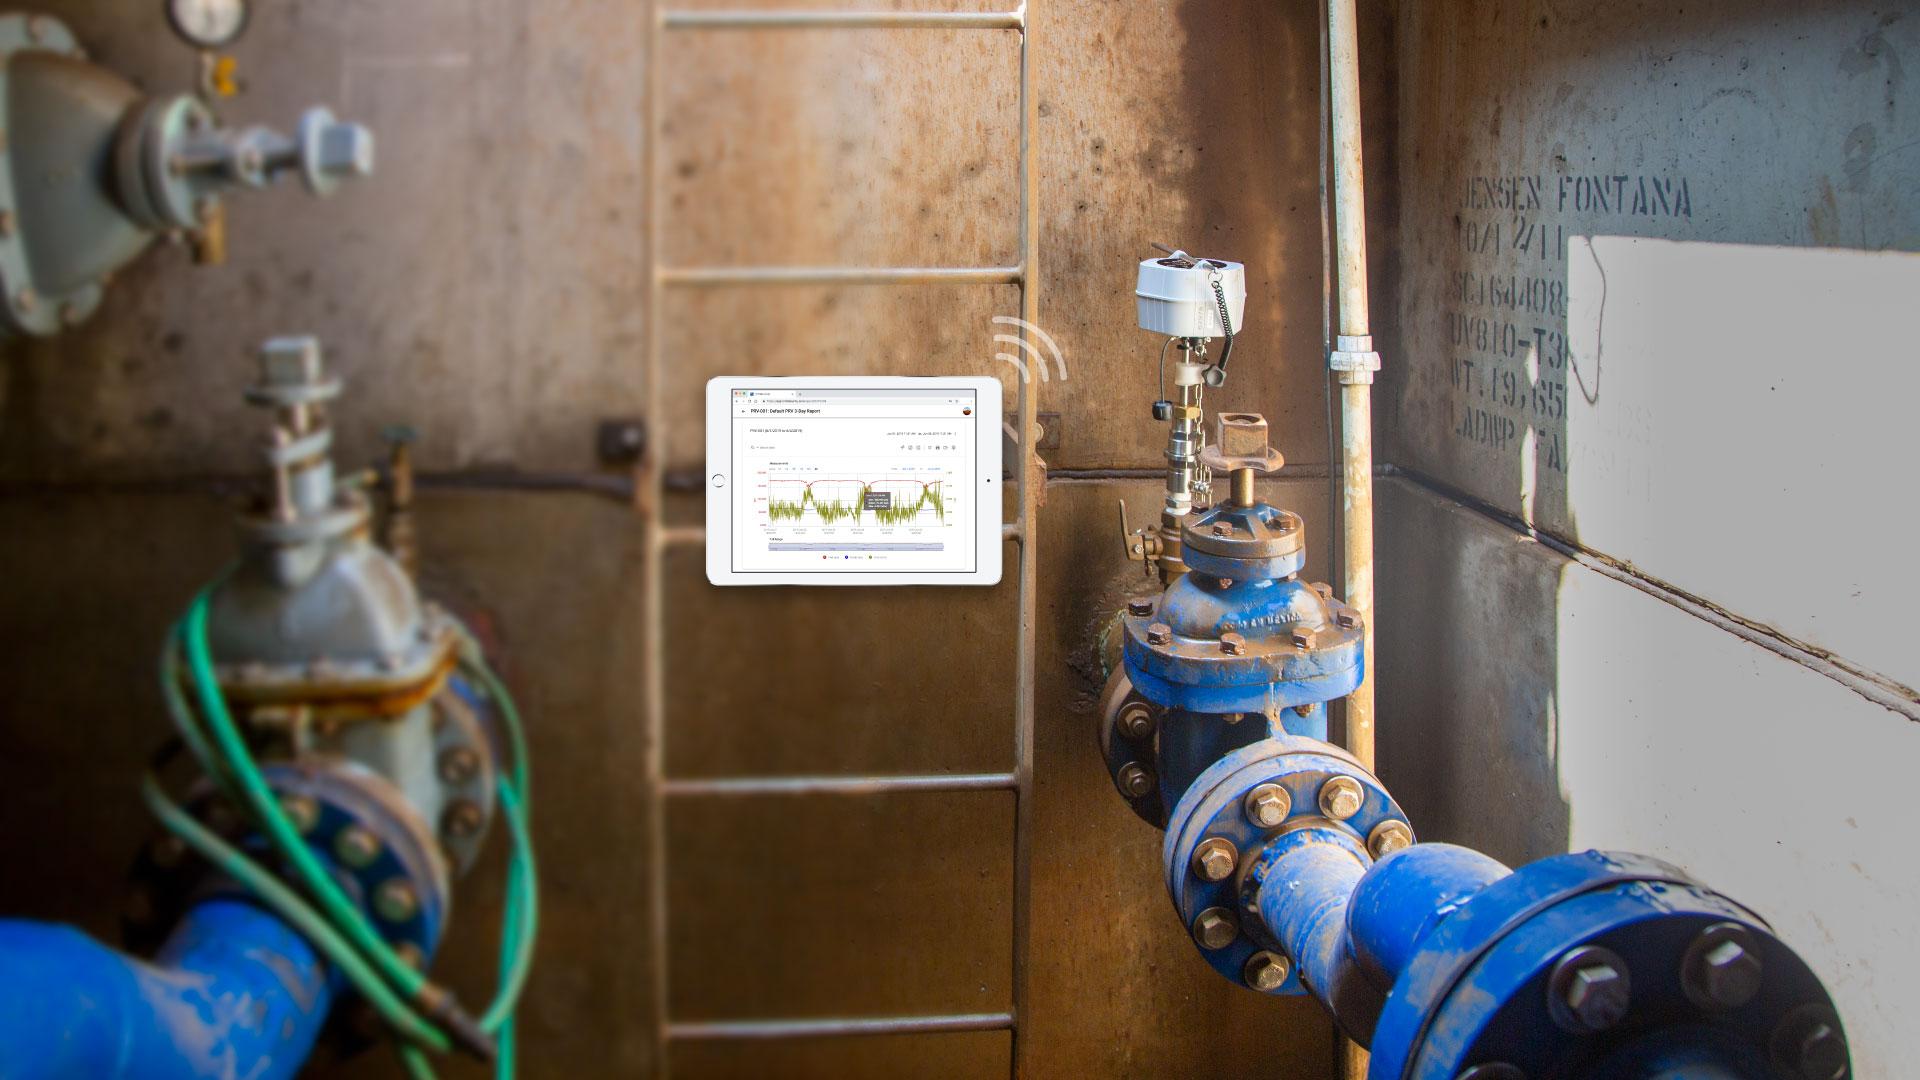 Advanced Digital Insertion Flowmeter